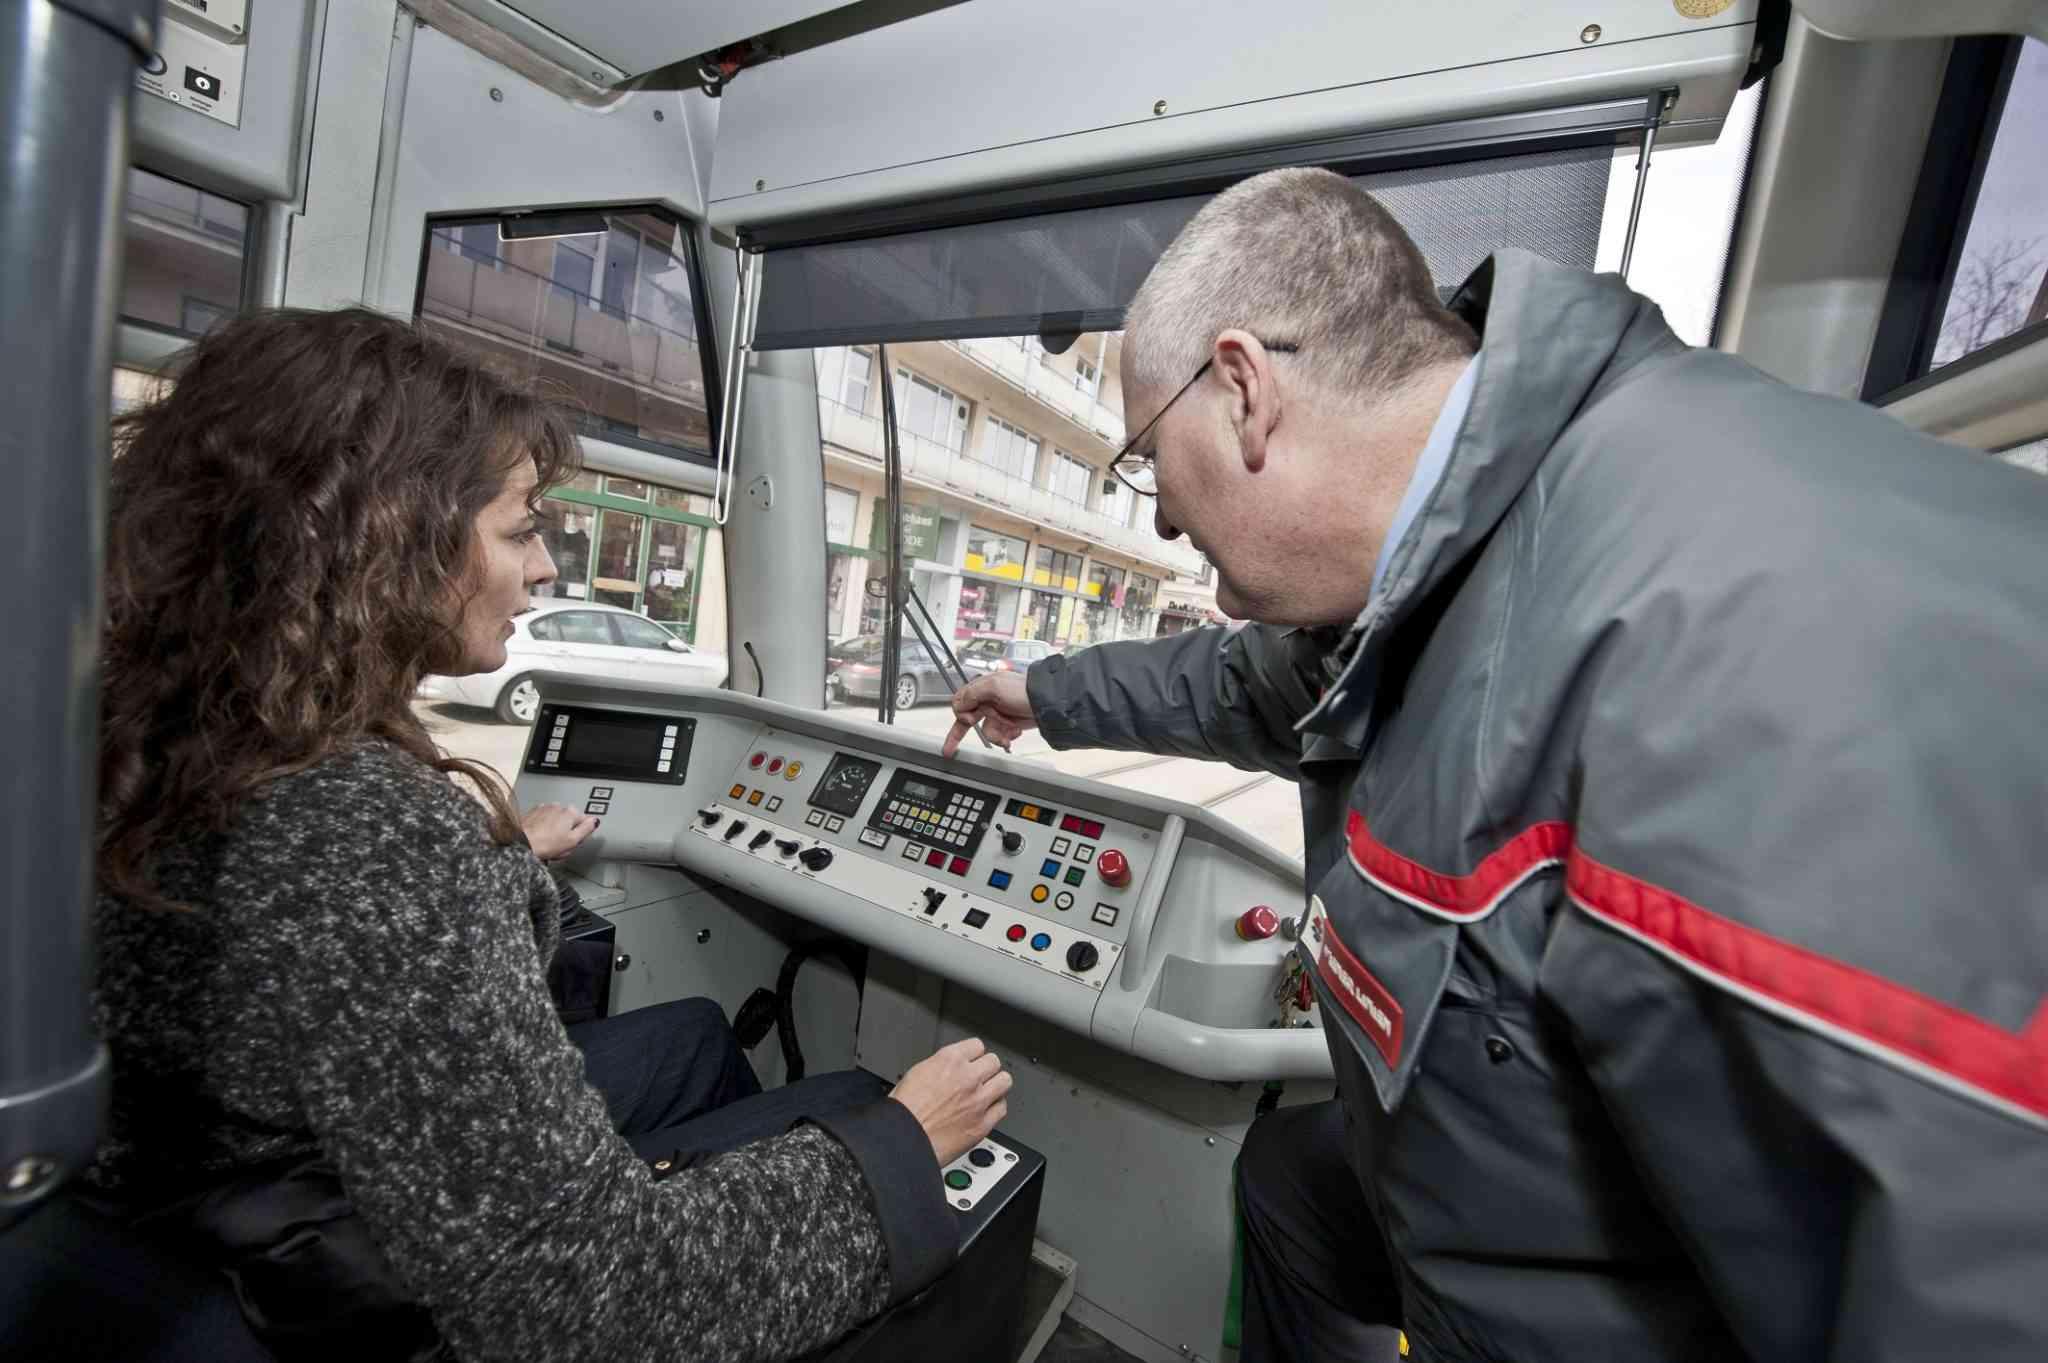 Das Bimfahren macht Spaß, zeigt den FahrlehrerInnen jedoch auch, wie anspruchsvoll das Fahren einer Straßenbahn ist.